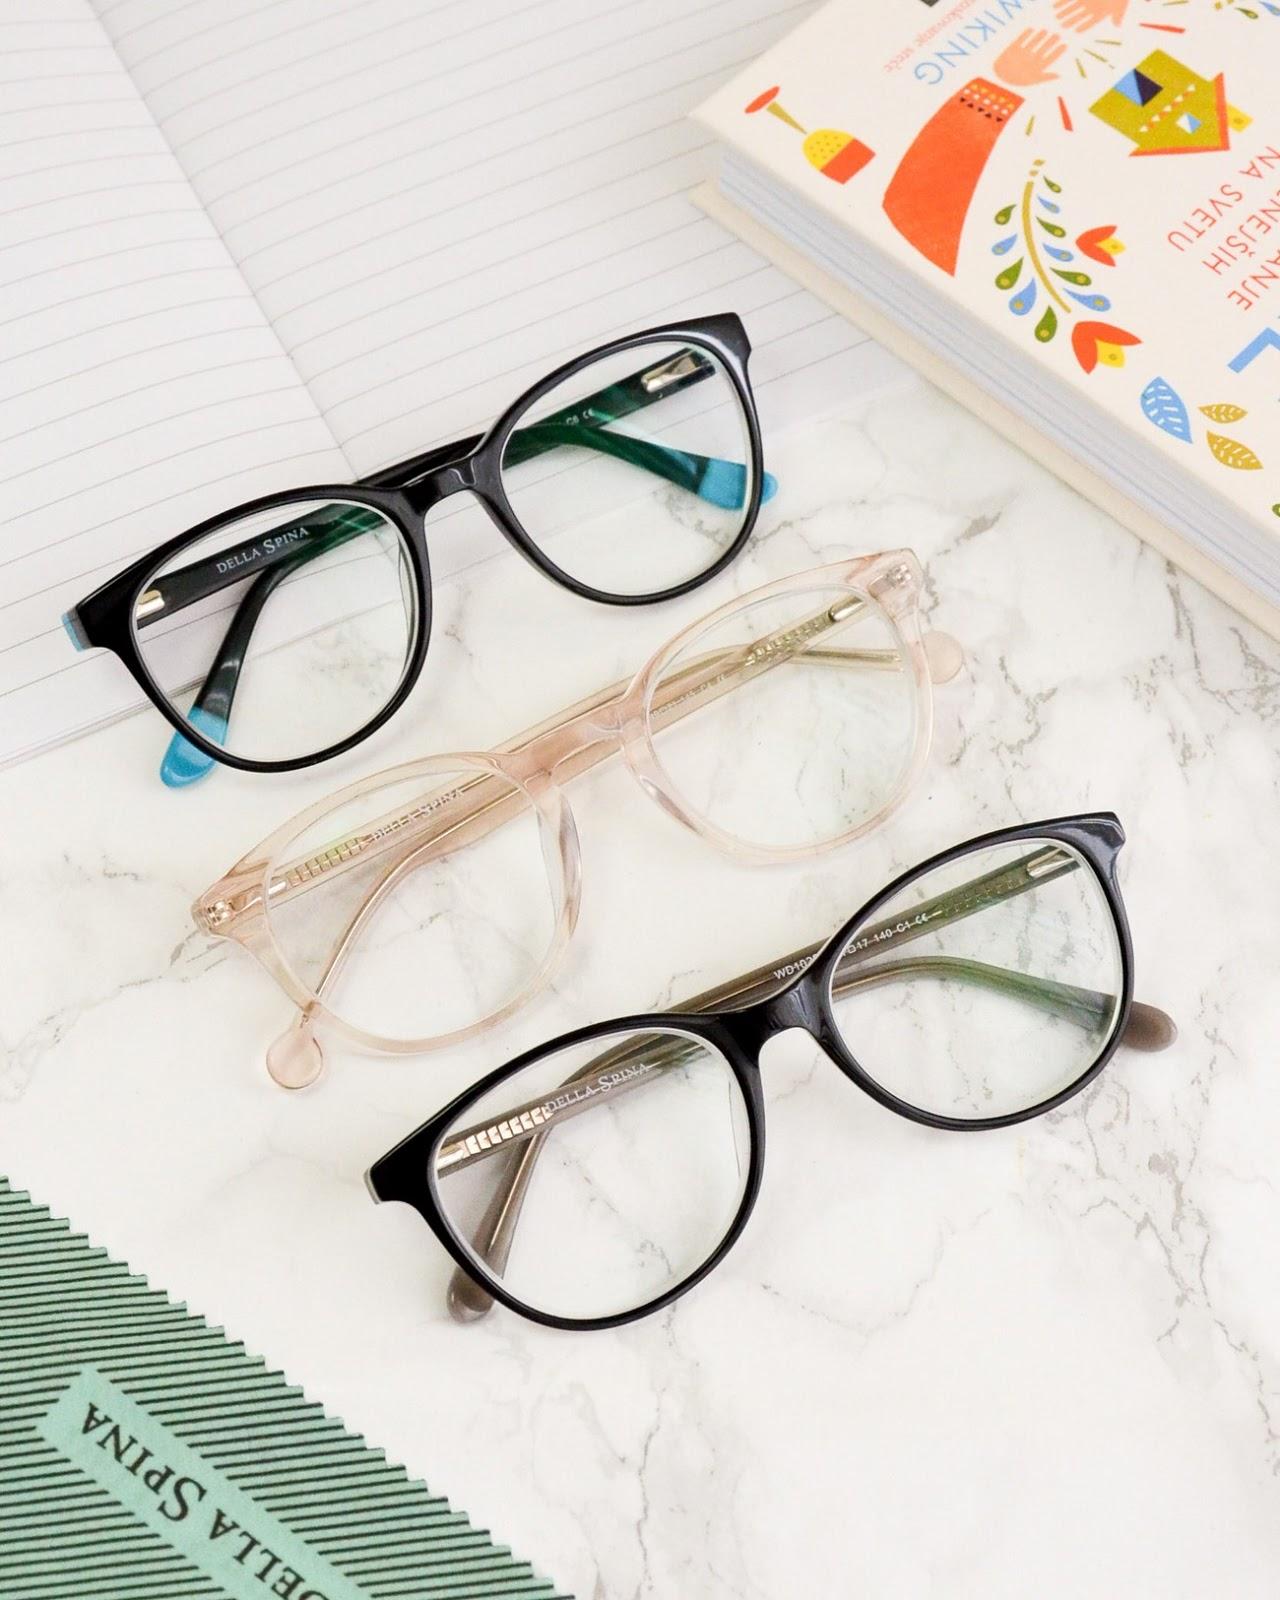 Poceni korekcijska očala Della Spina